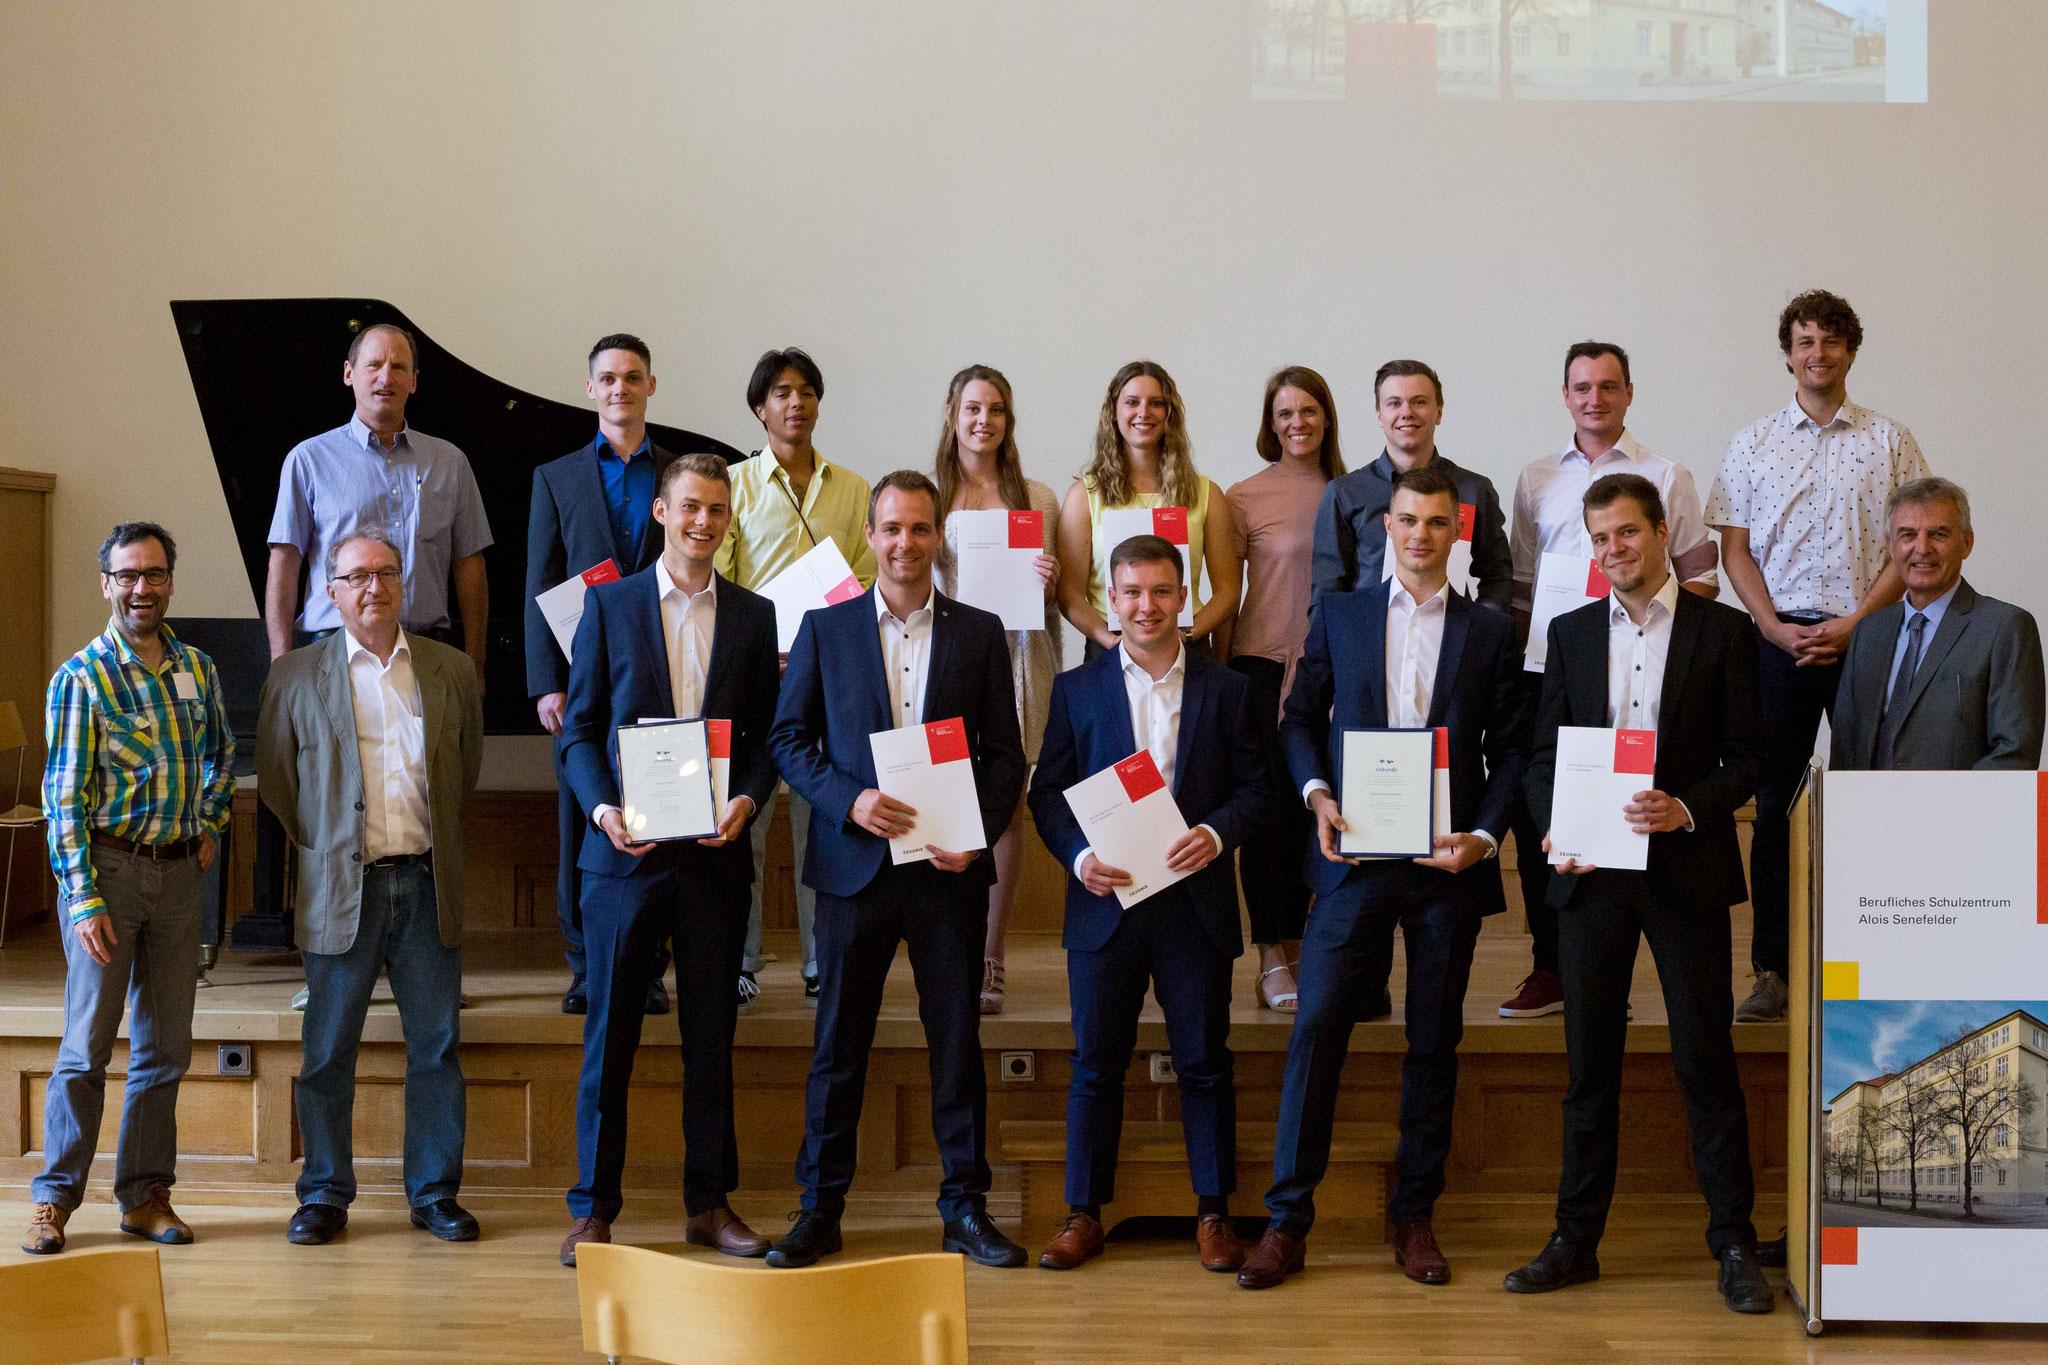 Abschlussklasse der Druck- und Medientechniker und Papiertechniker 2020